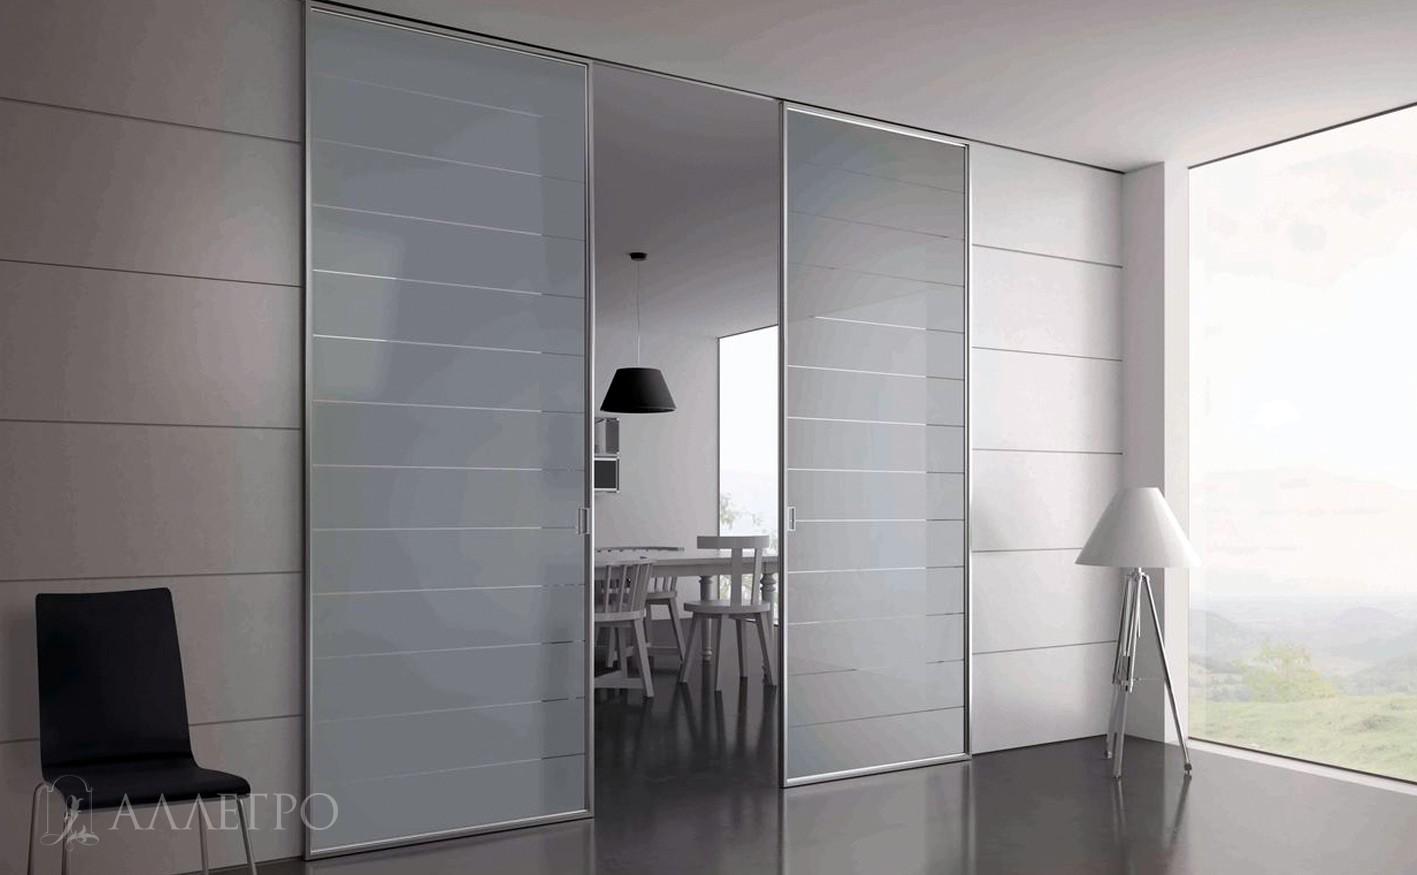 Стеклянные двери с раздвижным механизмом Купе